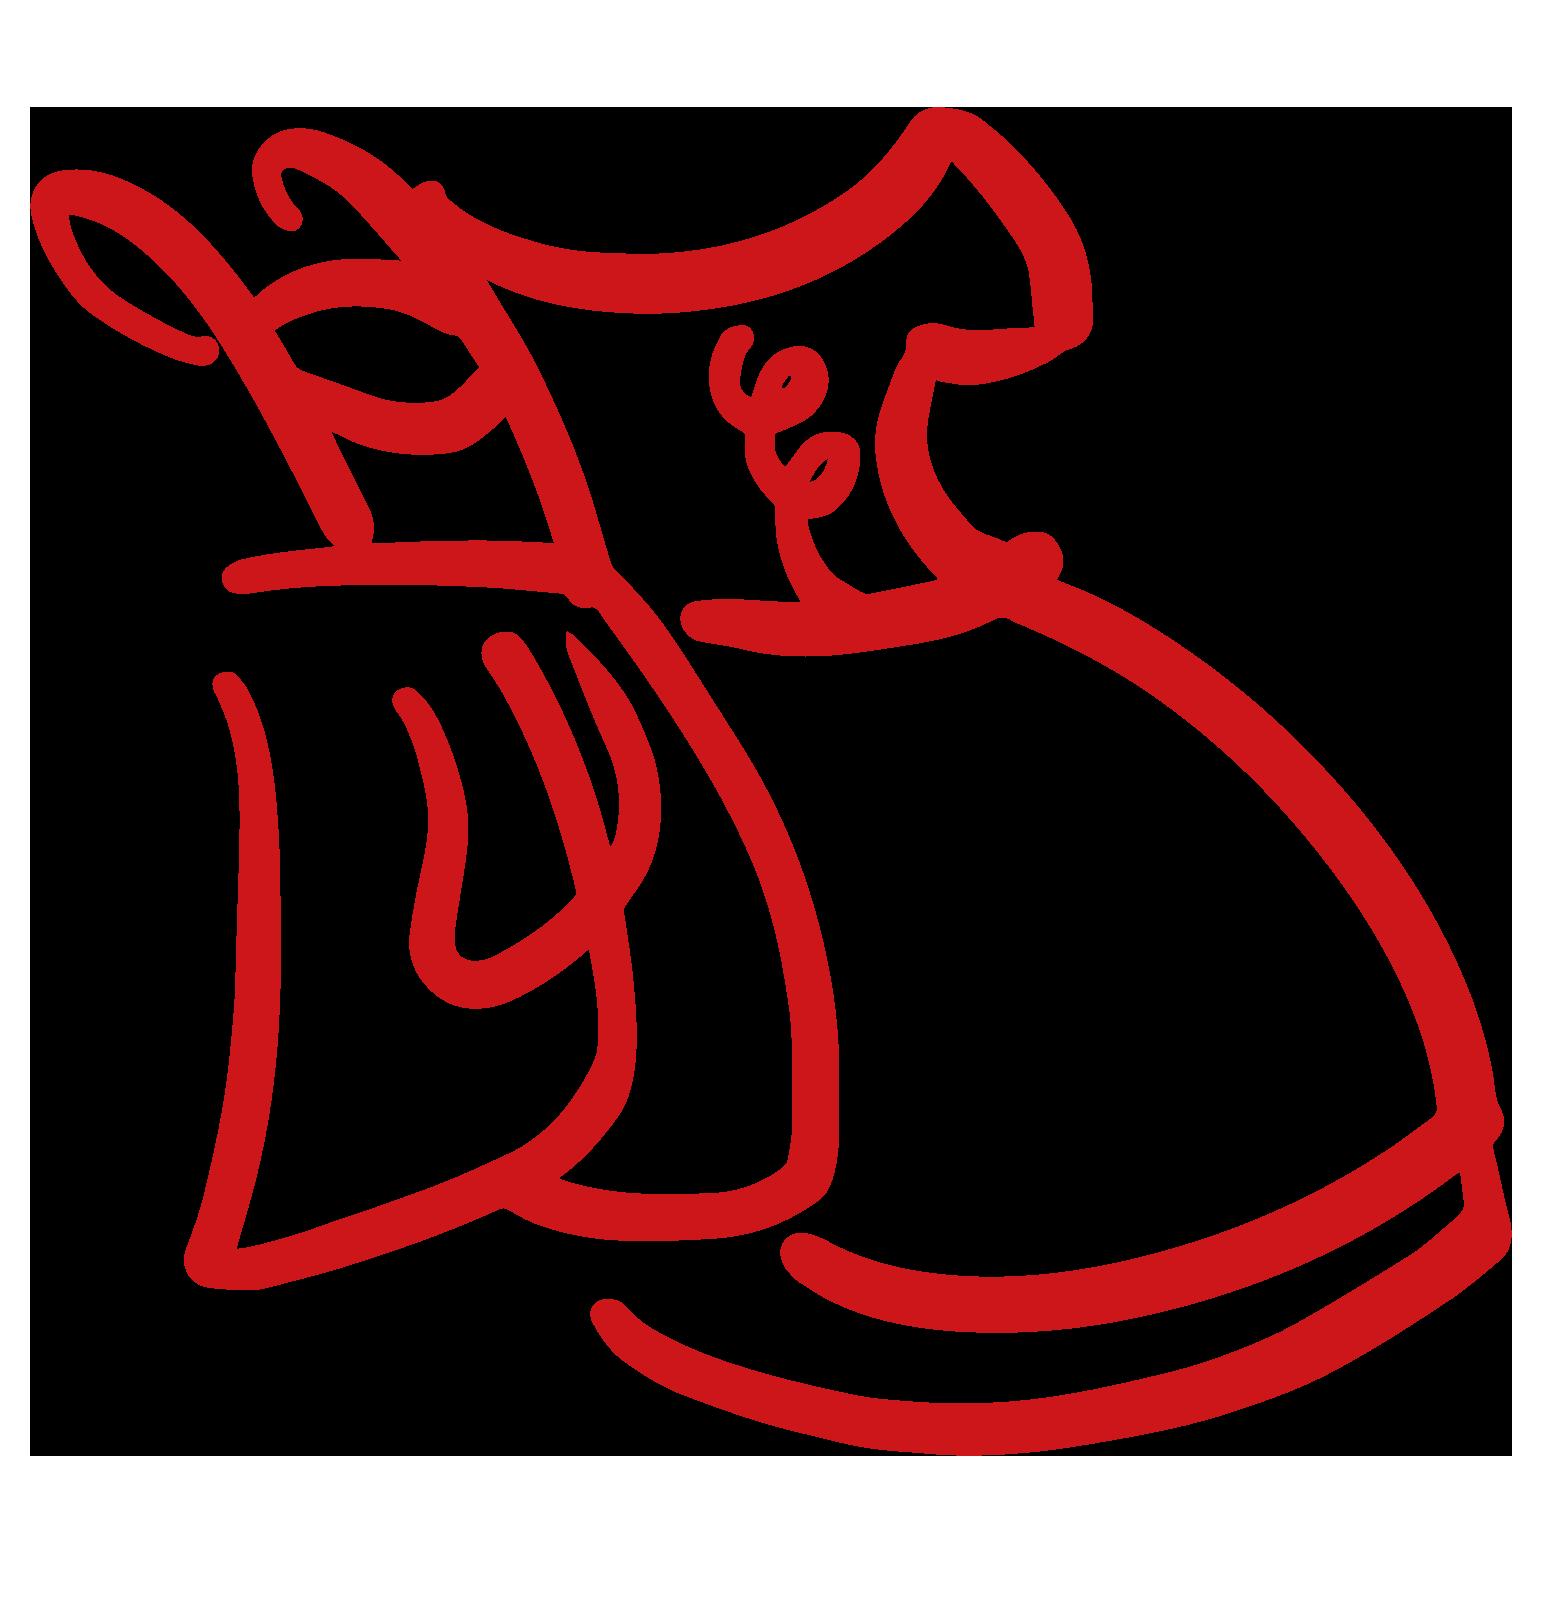 6c6f3345f41a Trachtenhemd slimfit, grün Karo jetzt günstig online kaufen - Fabrik ...